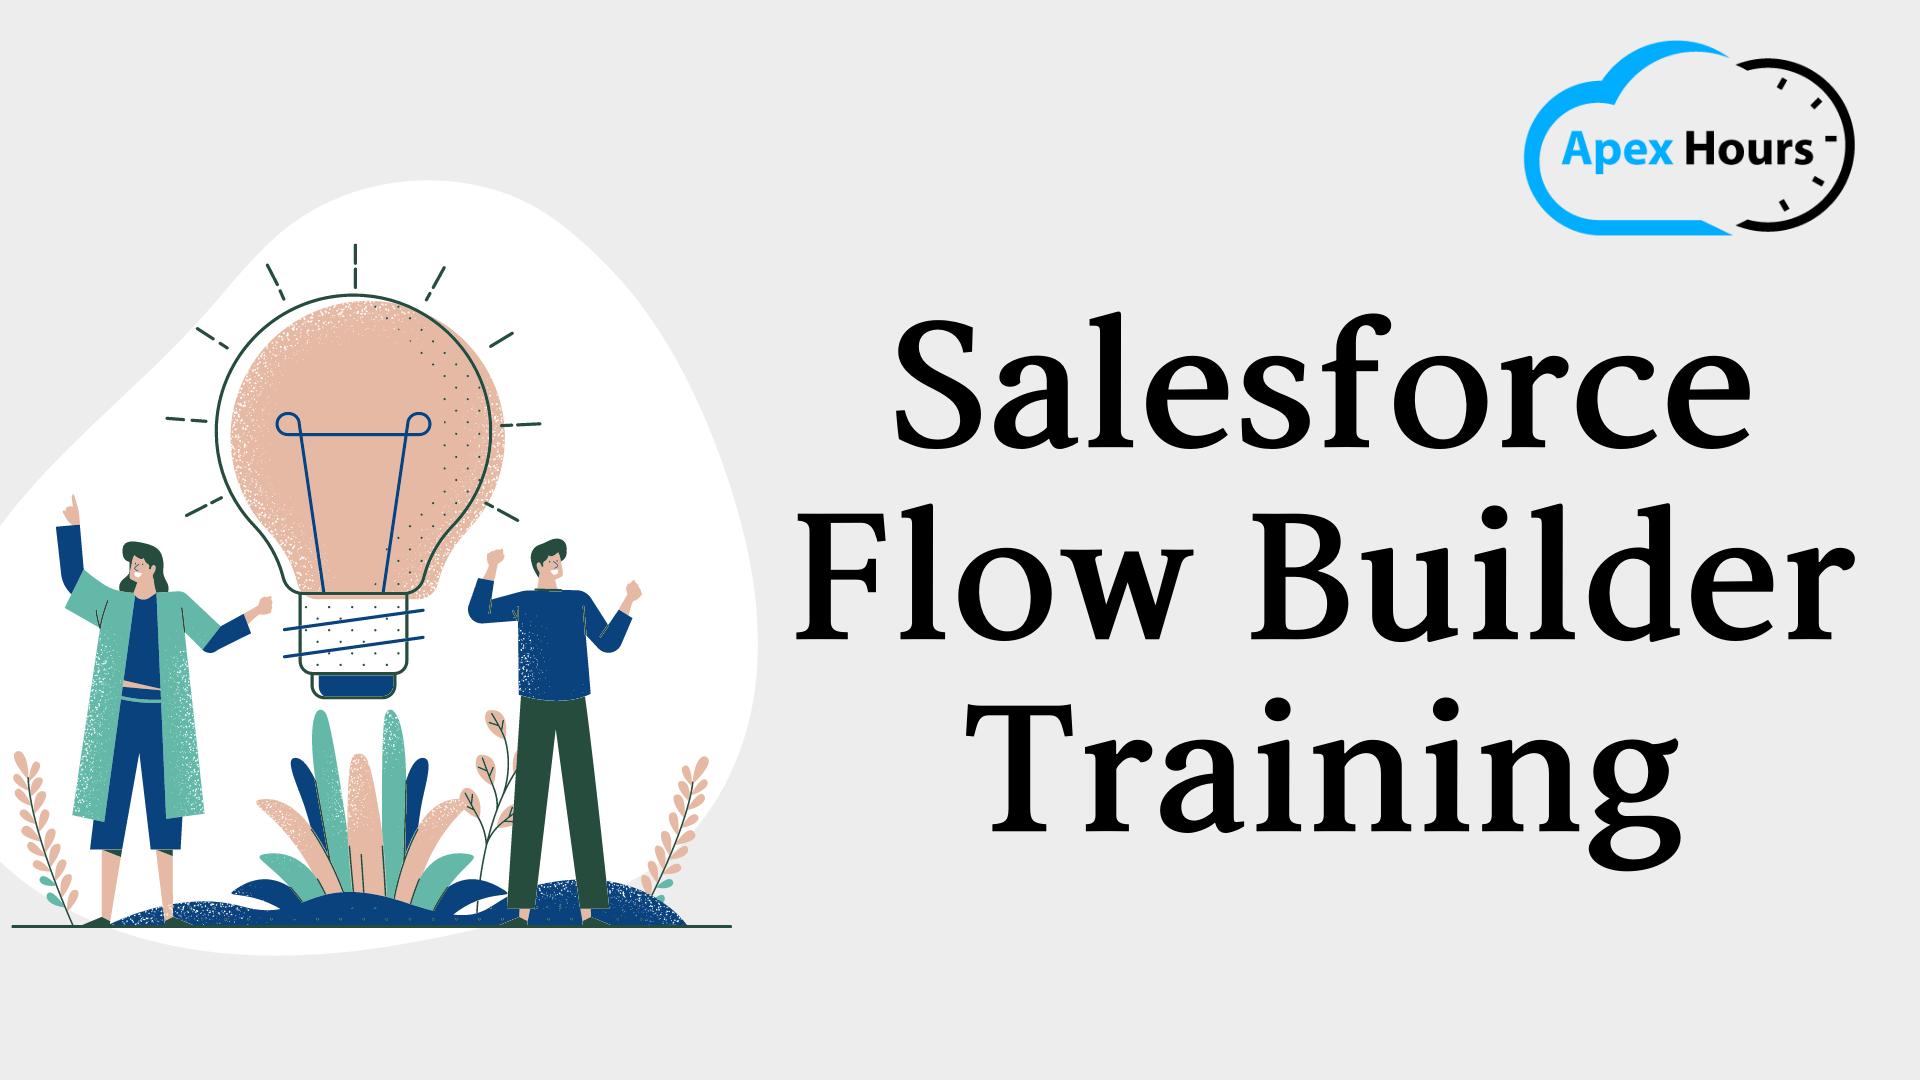 Salesforce Flow Builder Training FREE